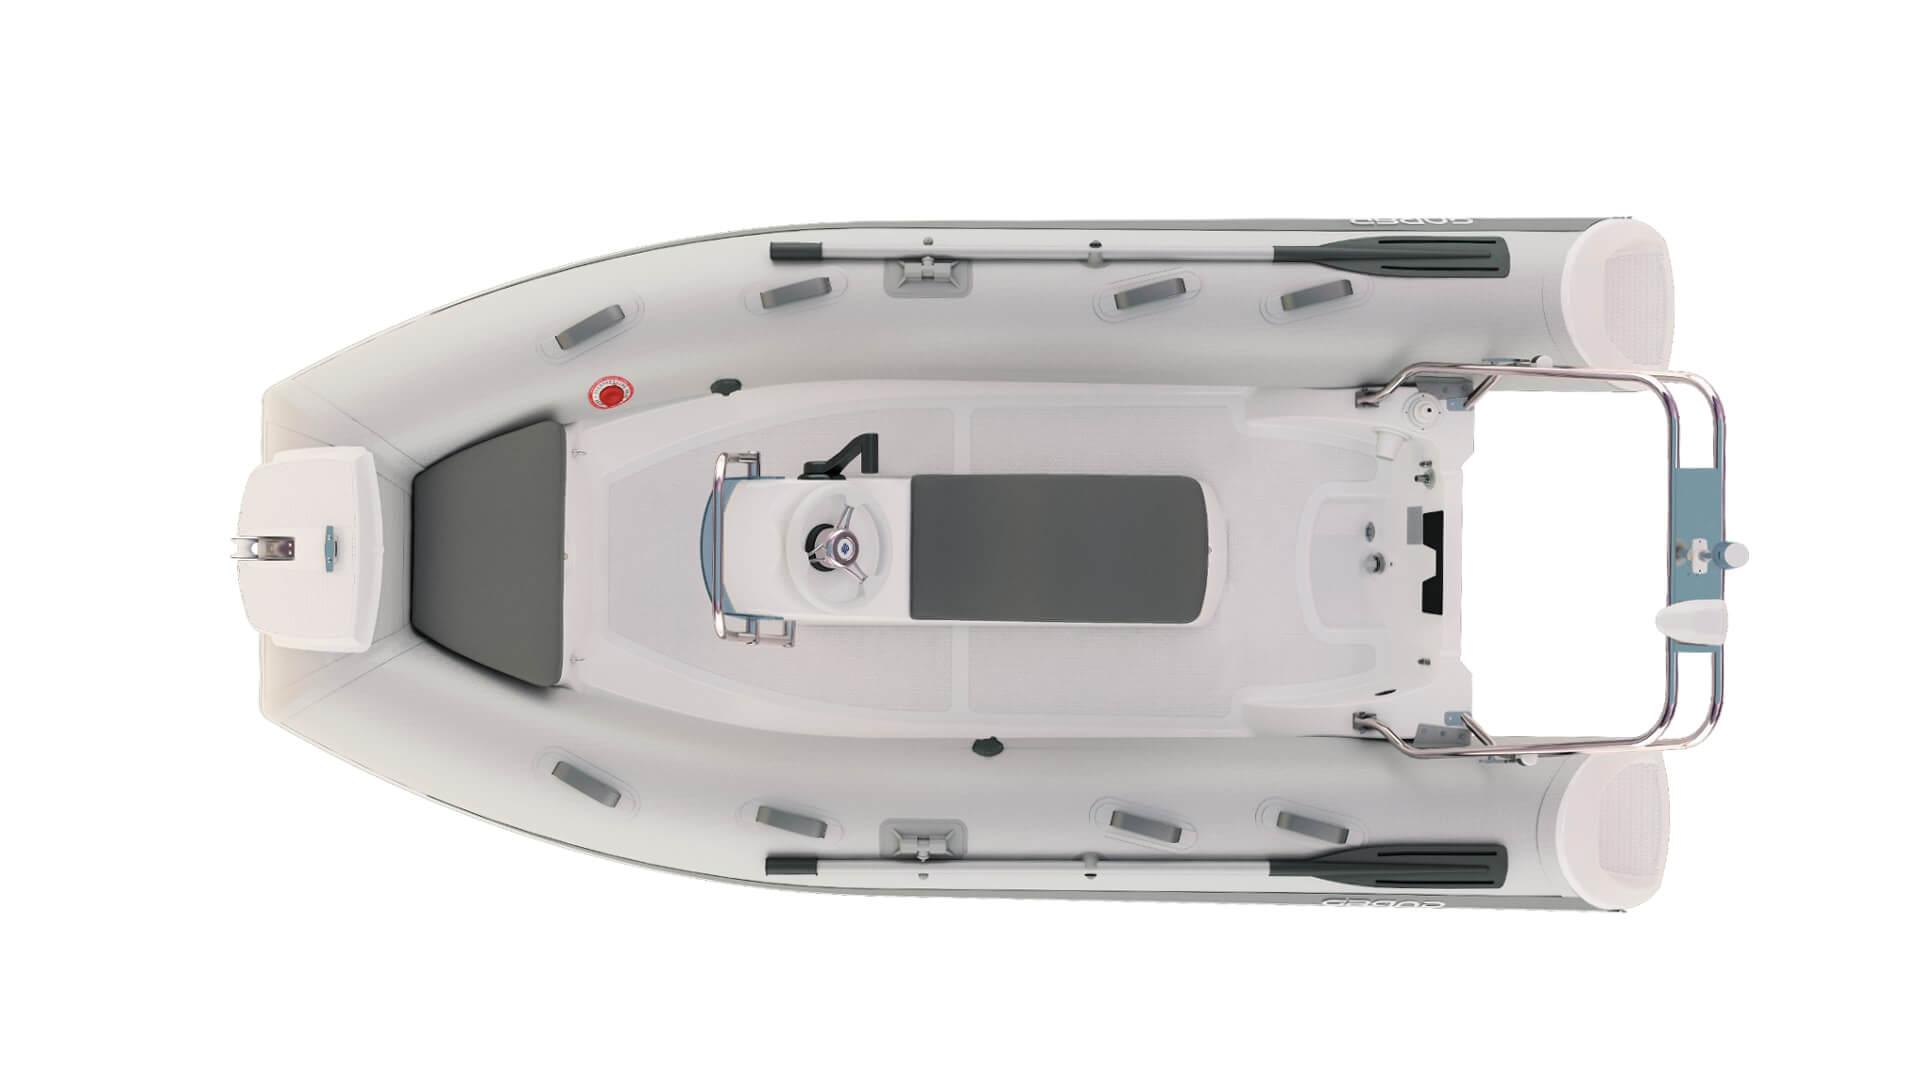 Надувная лодка с жестким дном GRAND Silver Line S370NS, Надувная лодка GRAND Silver Line S370NS, GRAND Silver Line S370NSF, GRAND Silver Line S370NS, GRAND S370NSF, GRAND S370NS, GRAND S370, Надувная лодка GRAND, Надувная лодка ГРАНД, Надувная лодка с жестким дном, RIB, Rigid Inflatable Boats